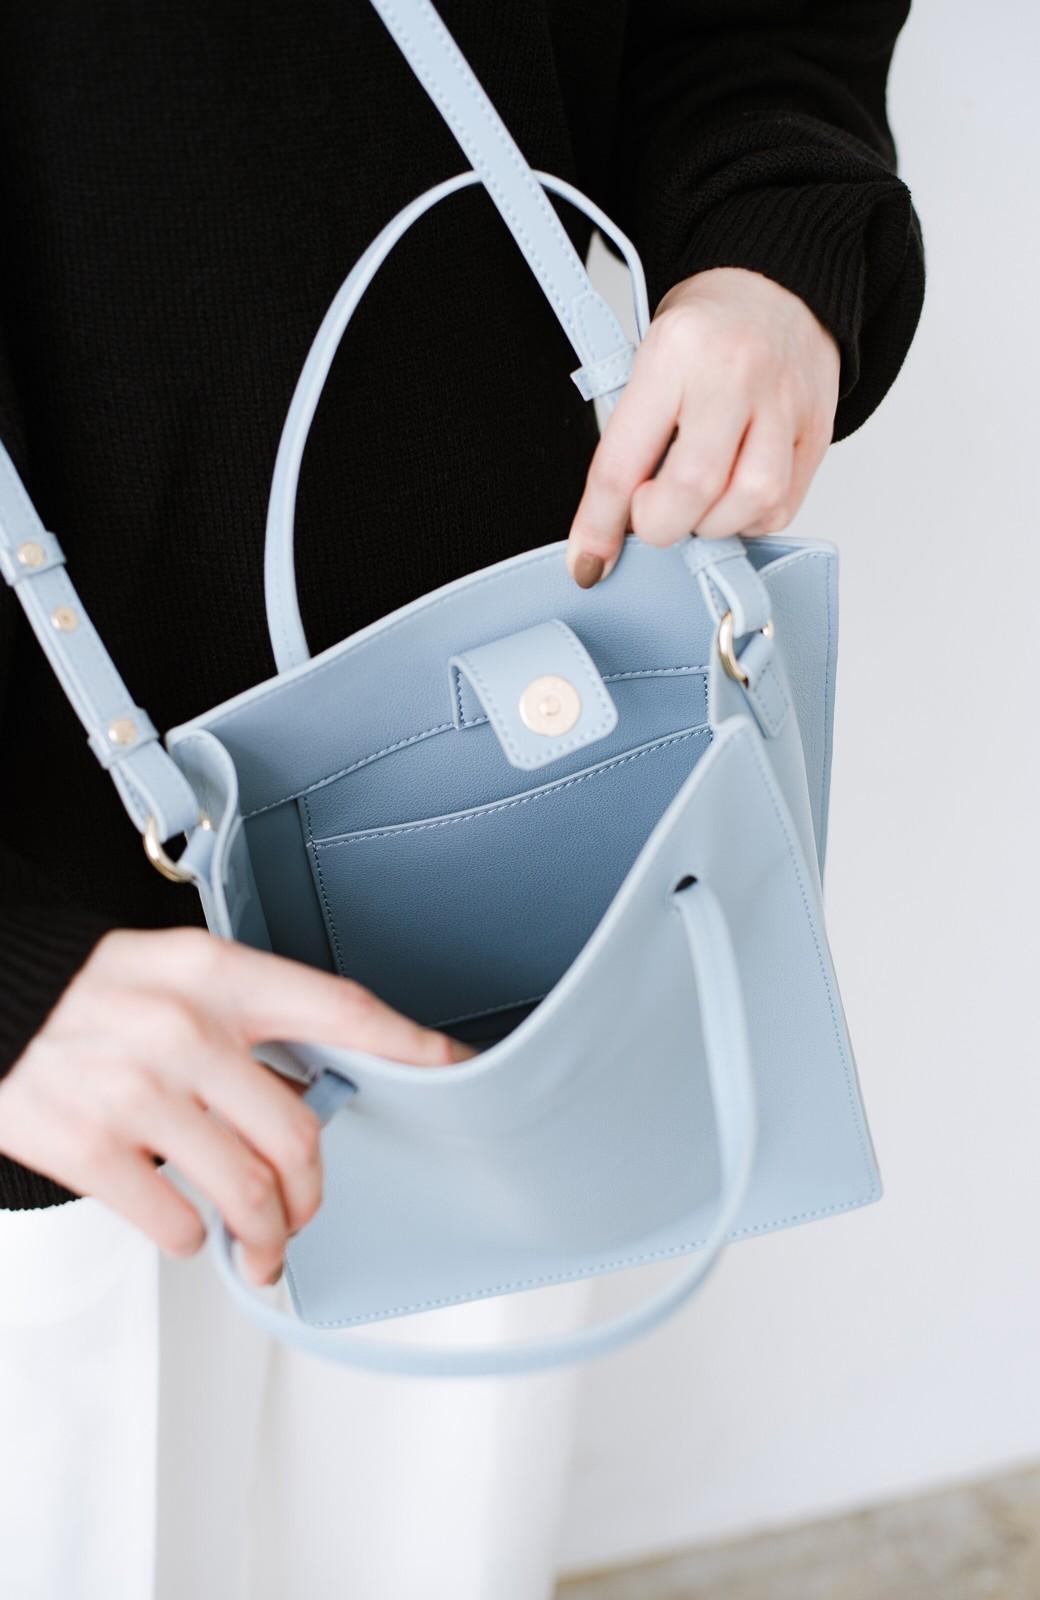 haco! 毎日の相棒!必需品はしっかり入ってコンパクトサイズが可愛い2WAYトートバッグ <ライトブルー>の商品写真4